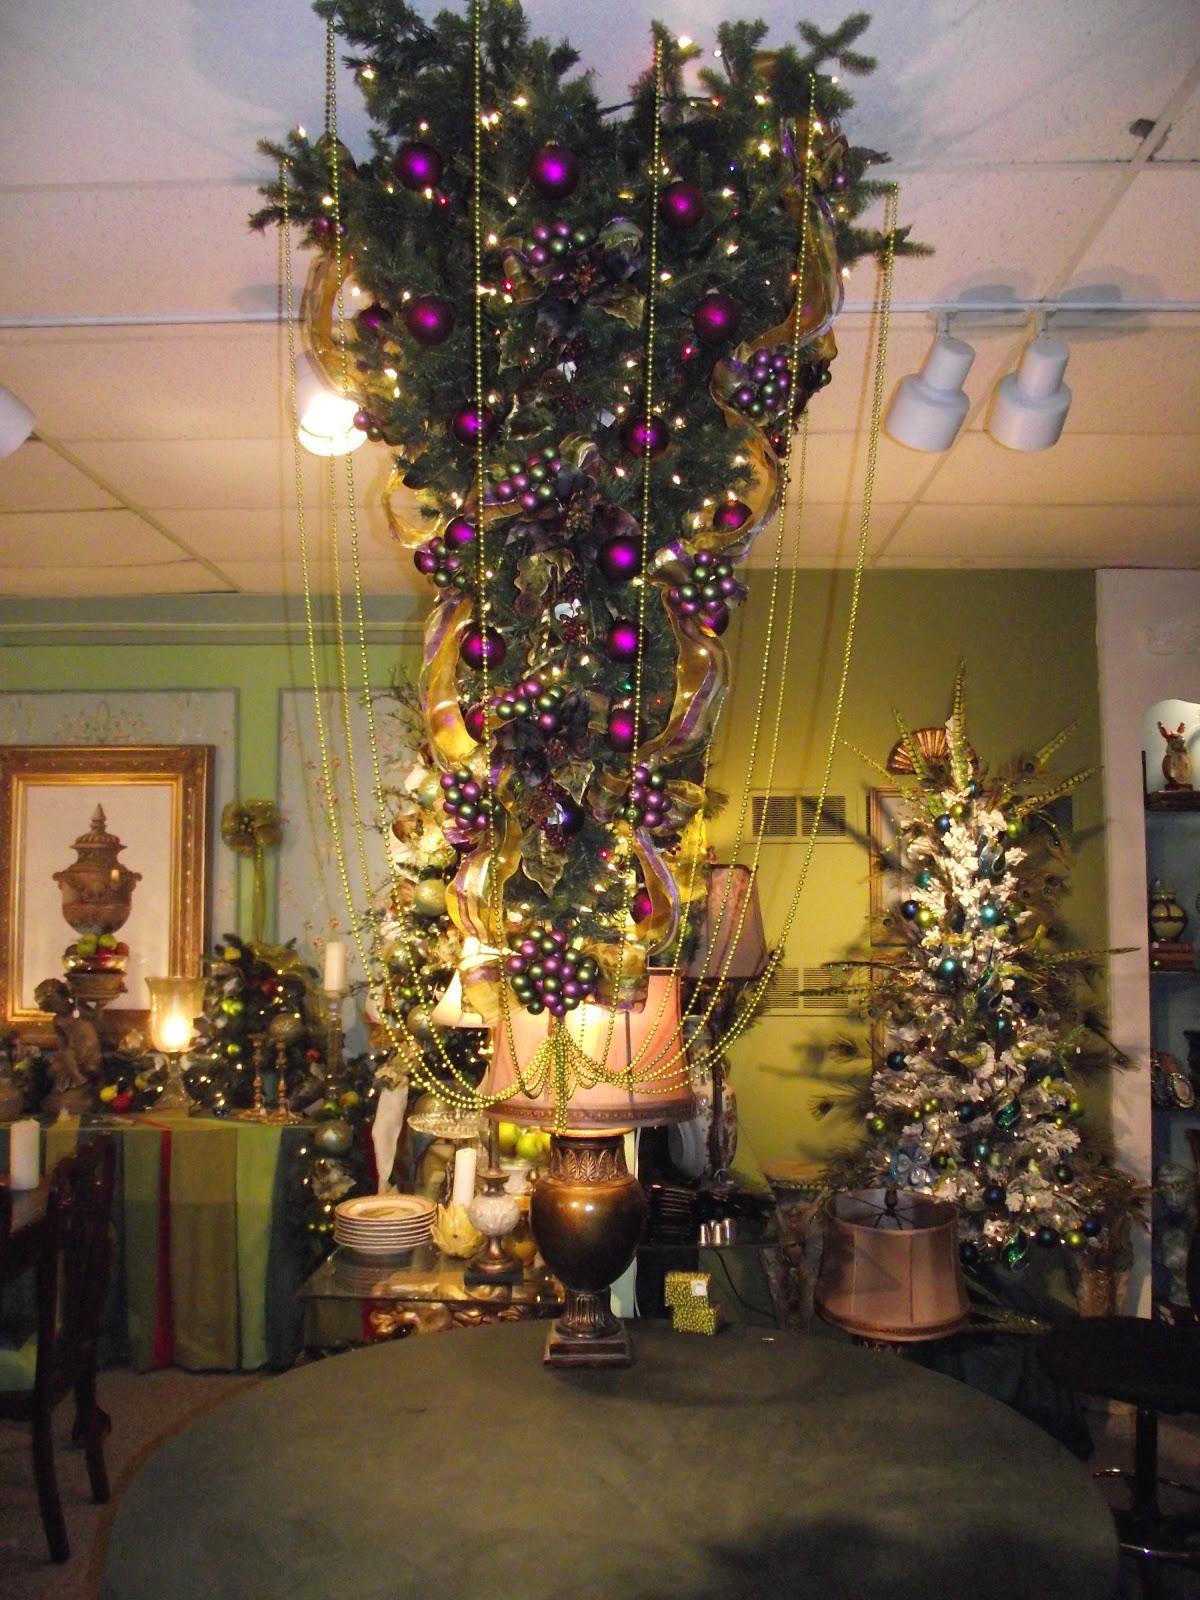 Ribbon Around Christmas Tree